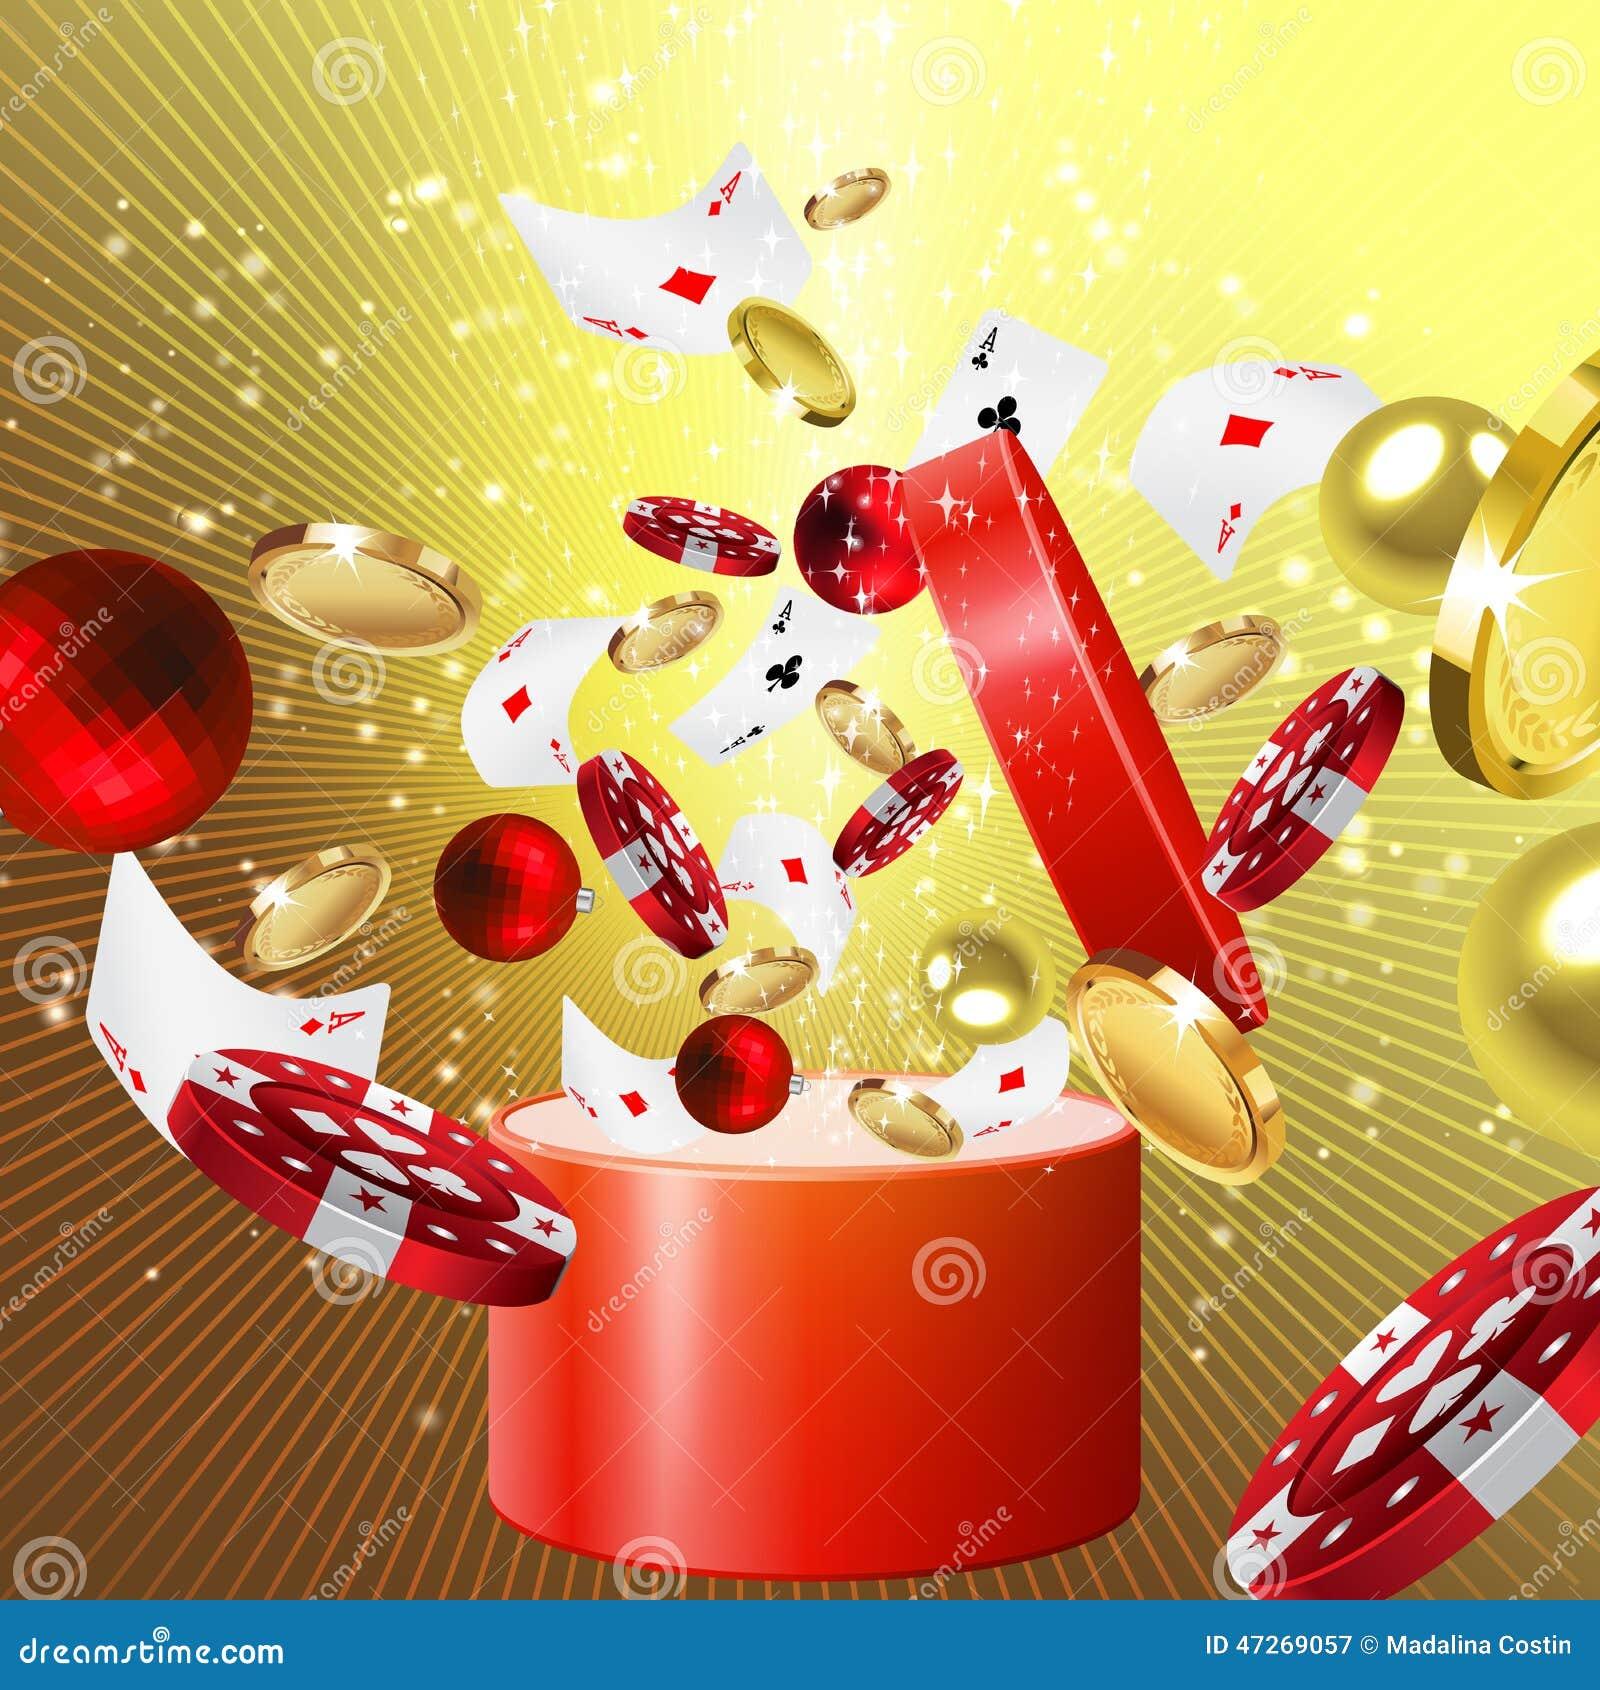 5 euros 888 com party poker deportes-410088